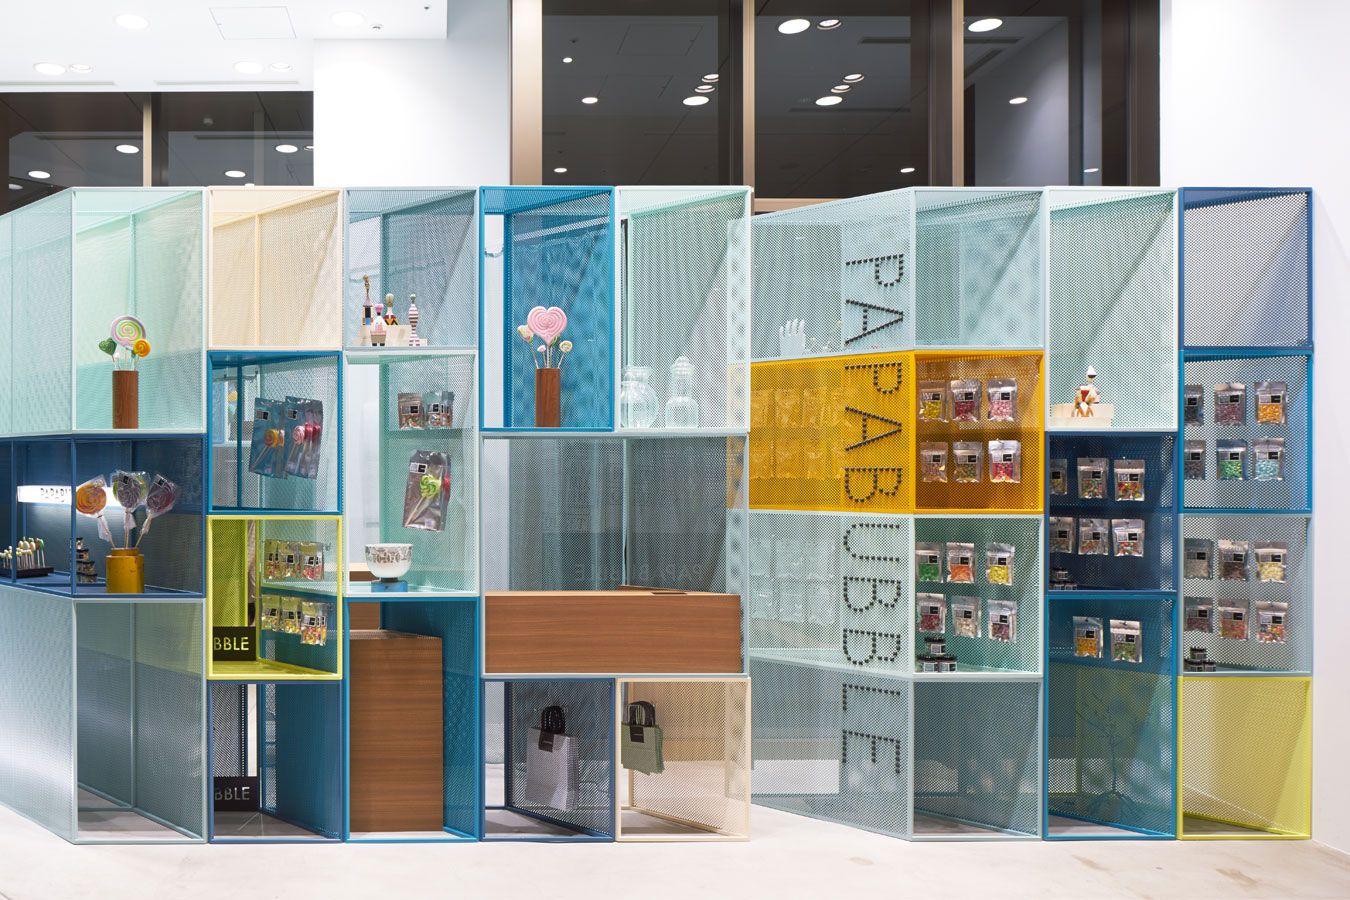 パパブブレ ルクア大阪店   Tato Architects – タトアーキテクツ / 島田陽建築設計事務所